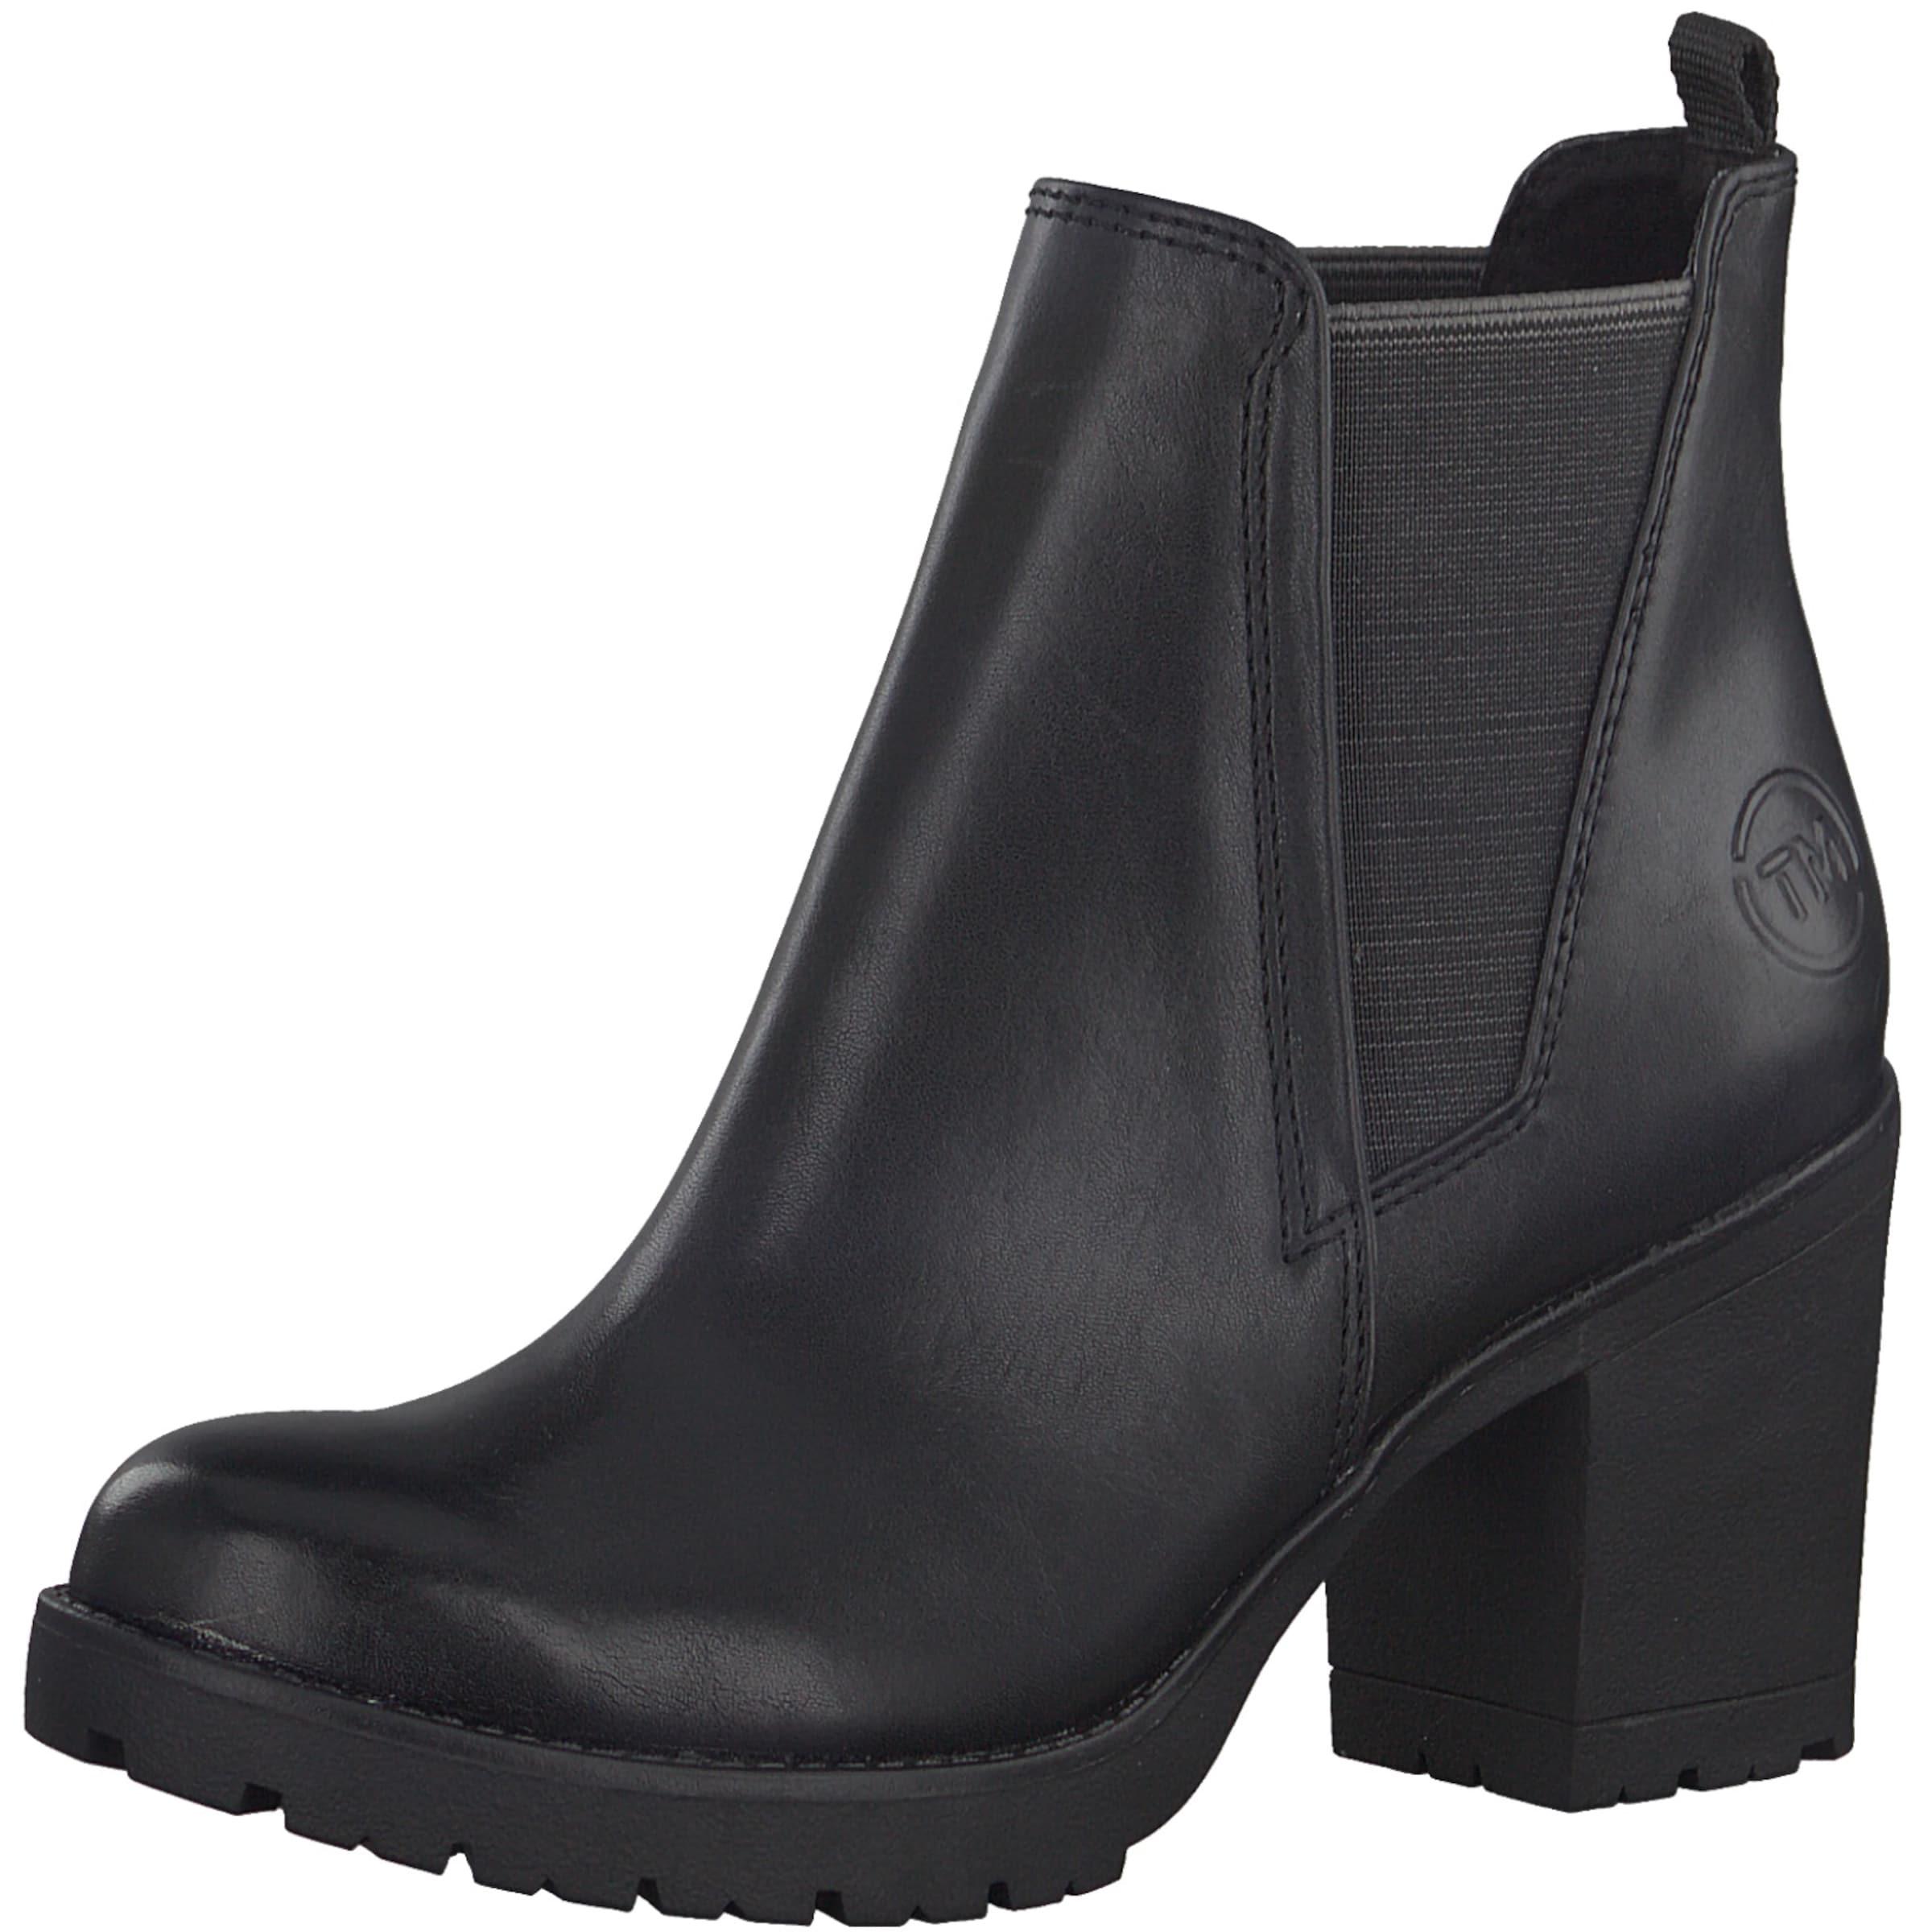 MARCO TOZZI | Ankle Boot mit Absatz Schuhe Gut getragene Schuhe